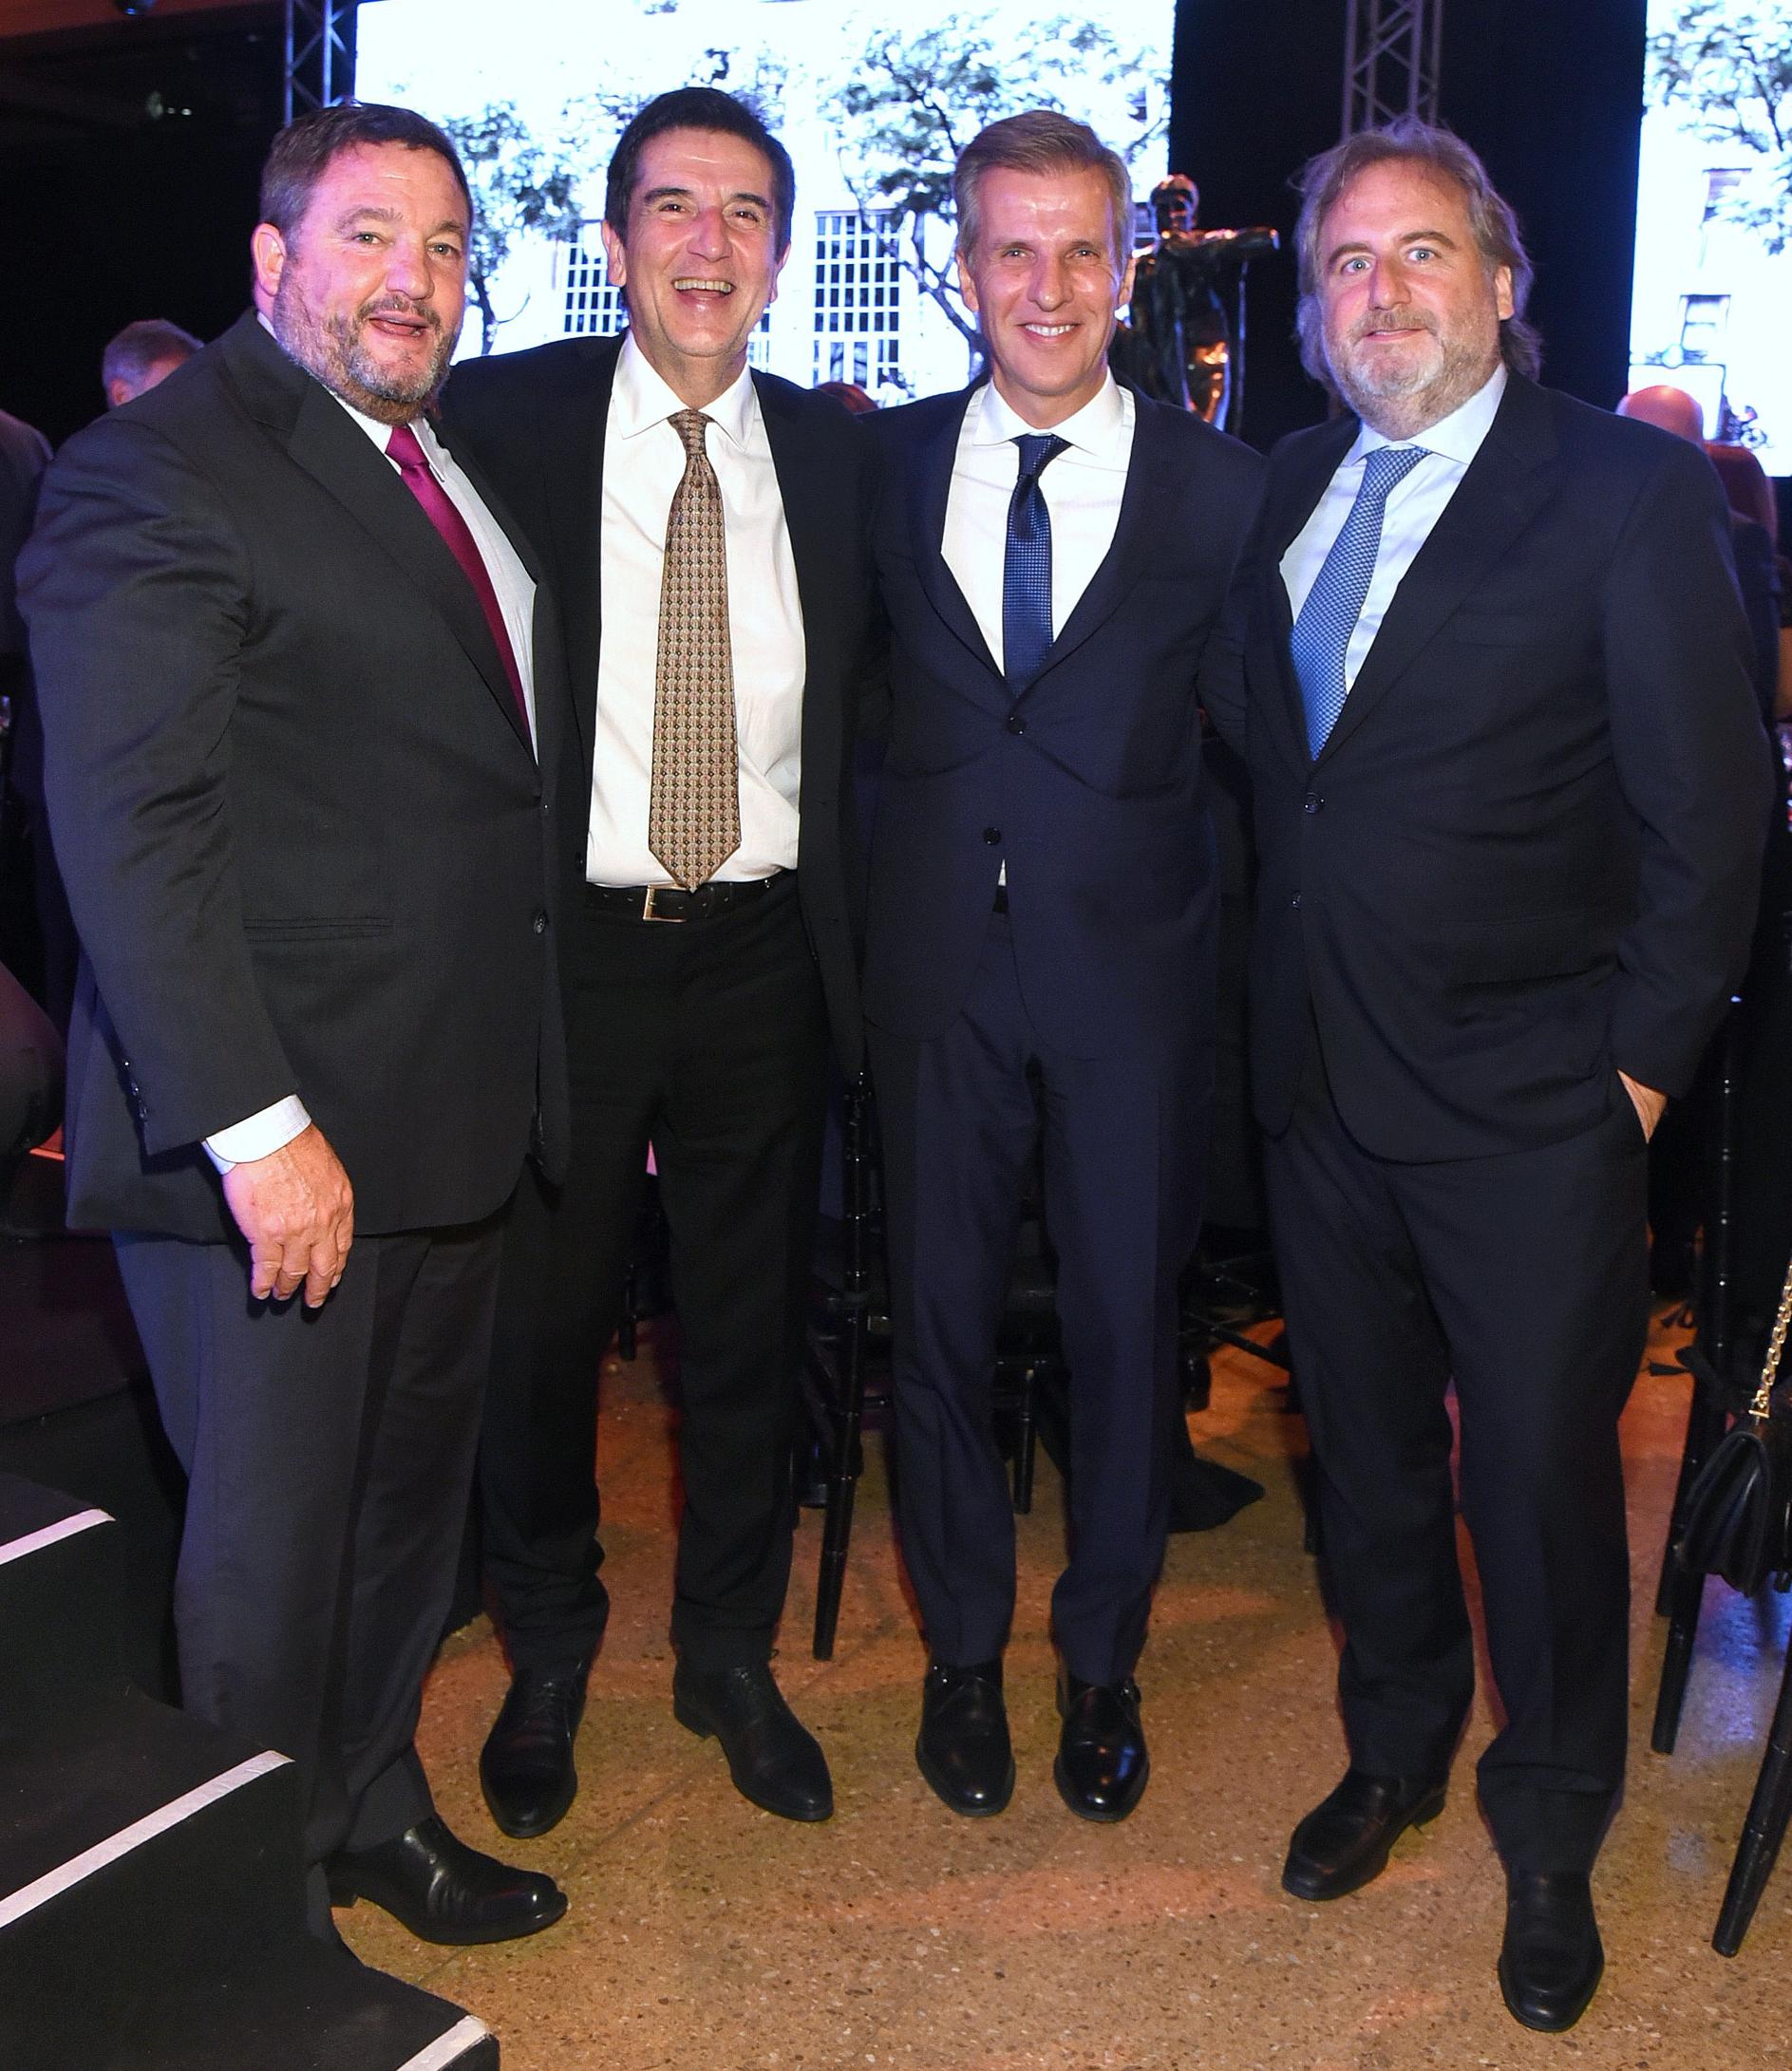 Alejandro Macfarlane junto al ex presidente del Banco Nación, Carlos Melconian; el ex presidente del Banco Central, Martín Redrado, y Tato Lanusse